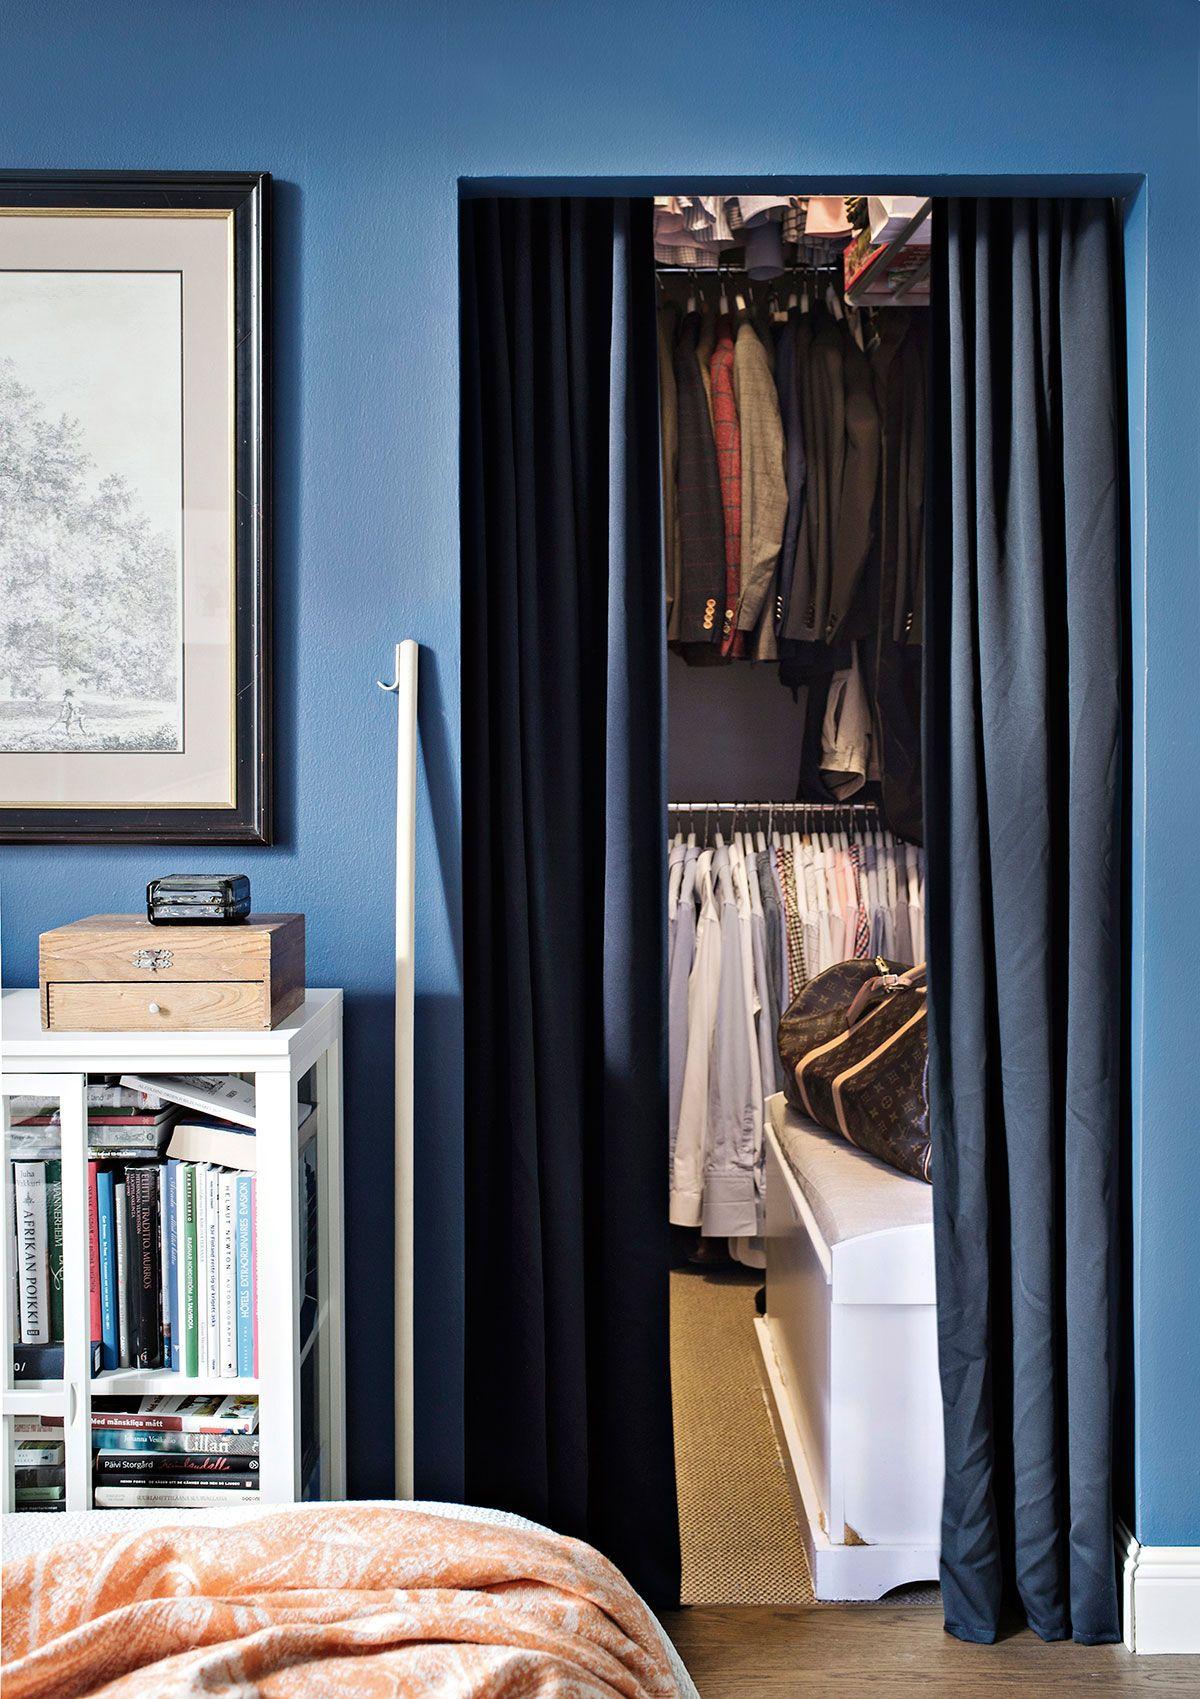 Vaatehuoneen ovena ovat paksut verhot. Pieneen tilaan on asennettu useampi tanko päällekkäin. Vaateripustimet on helppo poimia harjanvarresta ja seinäkoukusta tehdyllä kepillä.